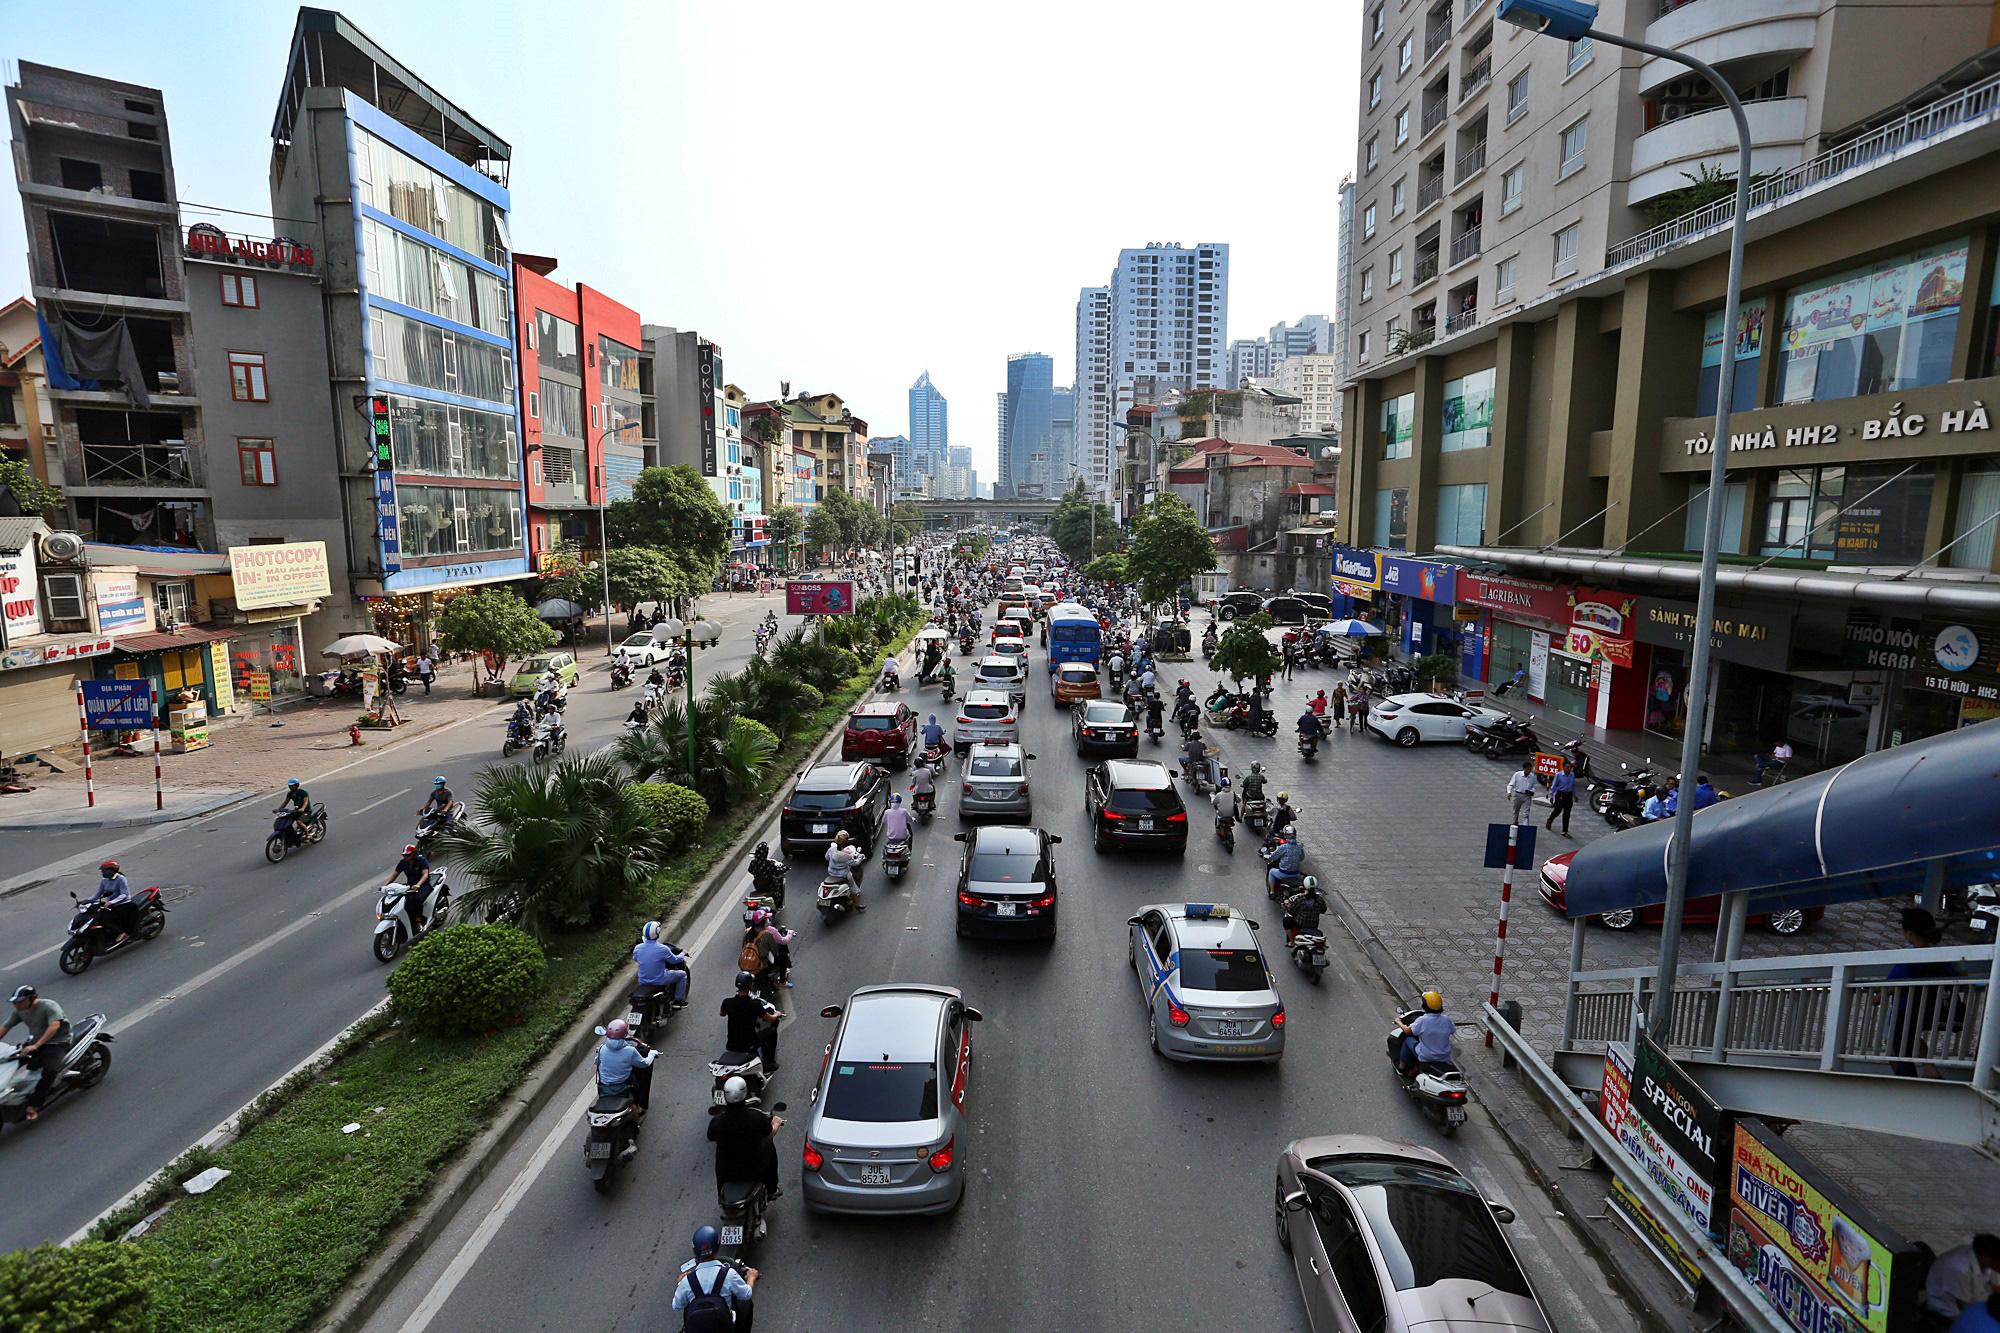 Toàn cảnh khu vực xây hầm chui Lê Văn Lương - Vành đai 3 gần 700 tỉ đồng - Ảnh 18.